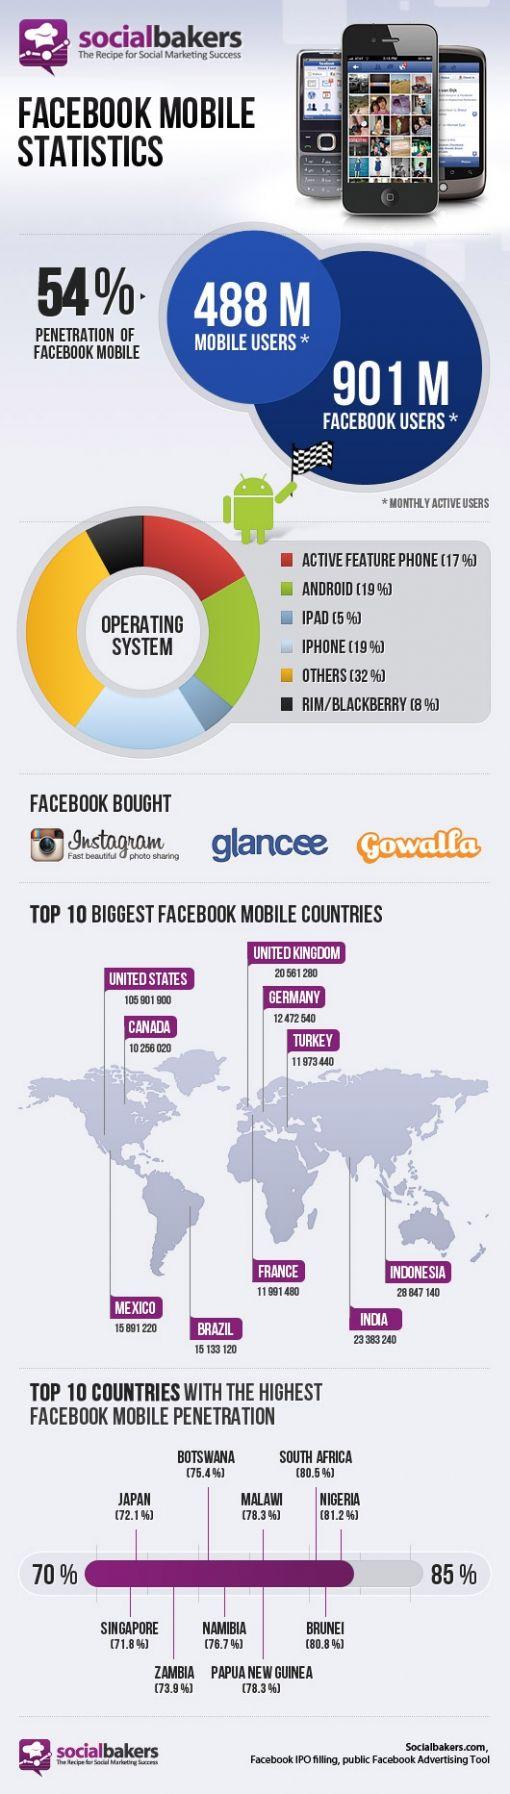 facebookmobile2